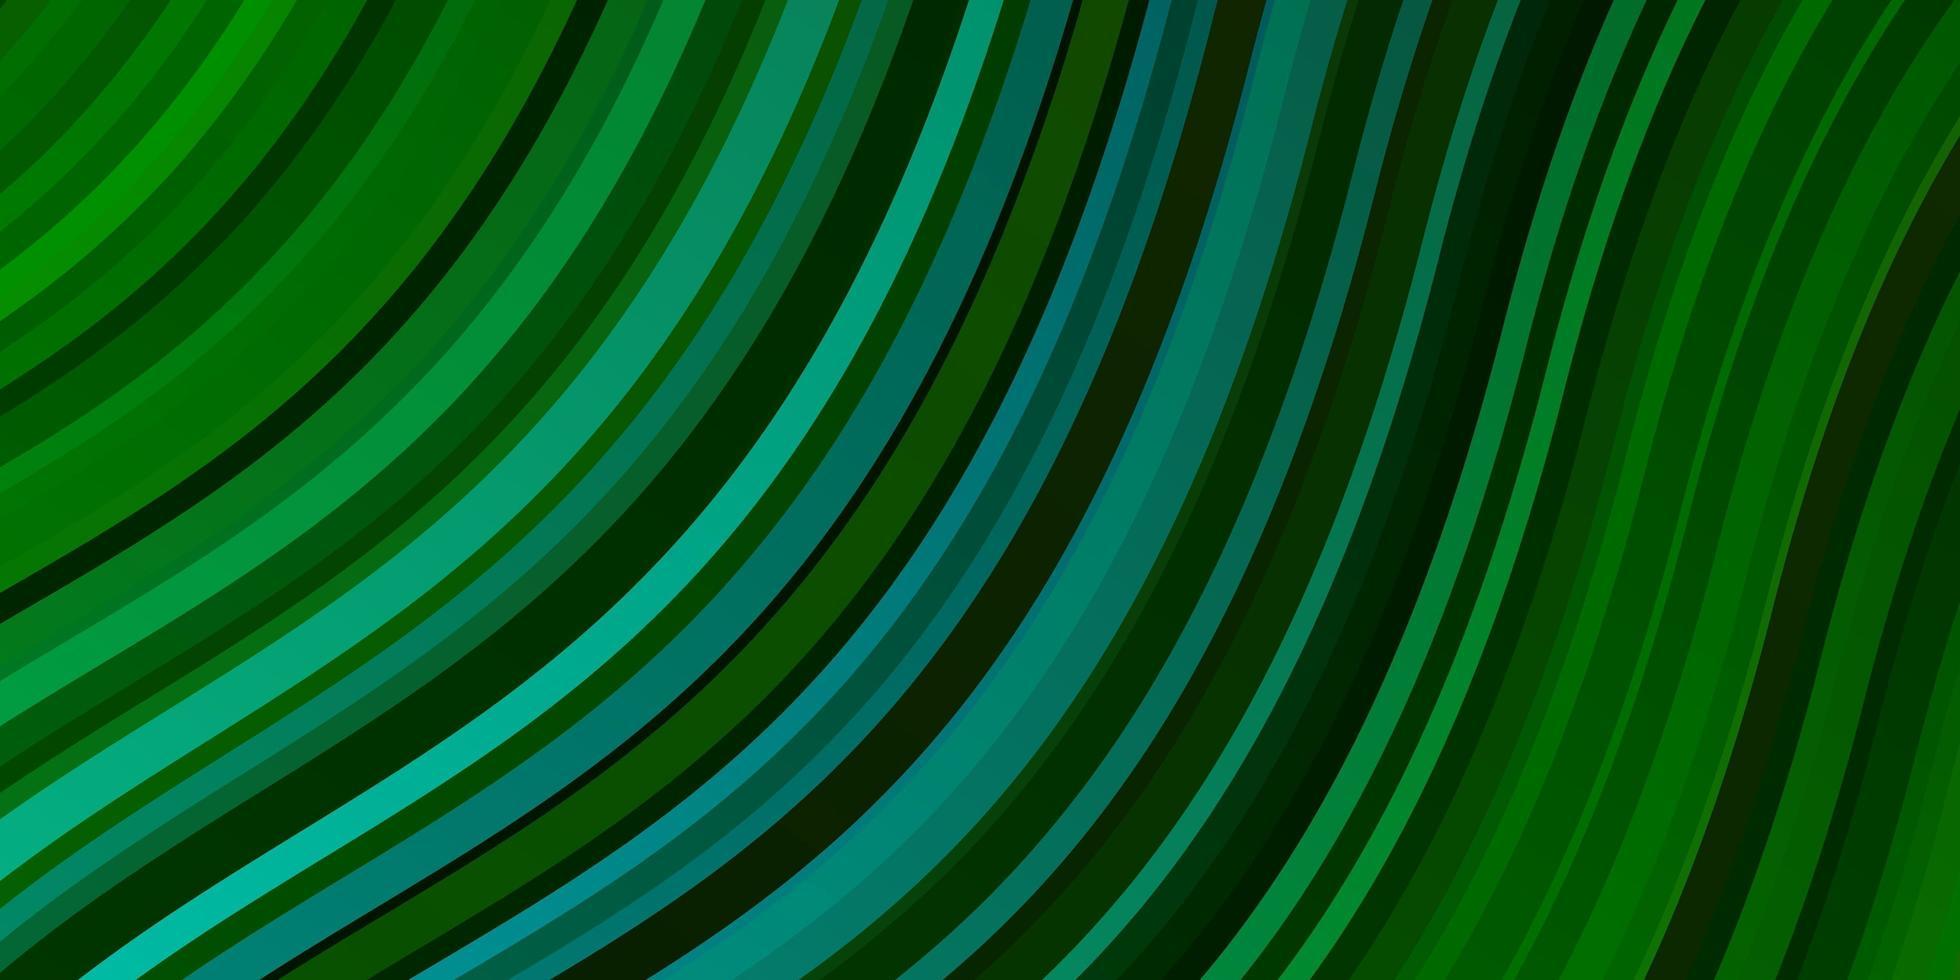 fundo verde com linhas. vetor